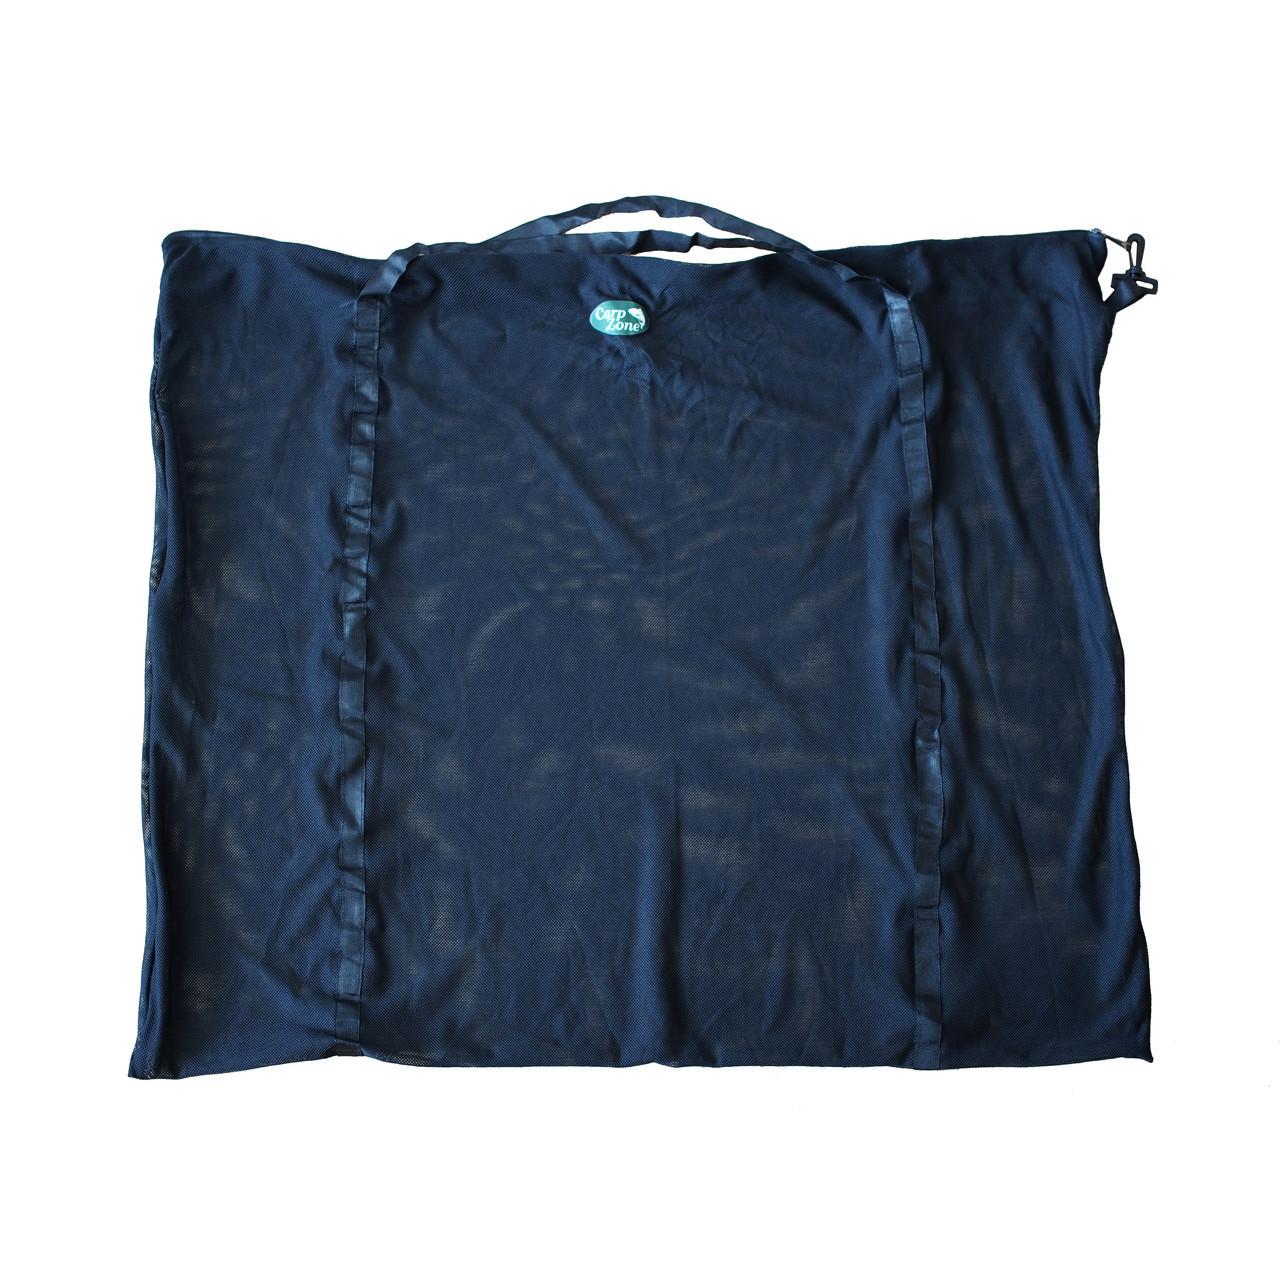 Карповый мешок для хранения и взвешивания Zip Sack 100см х 85см